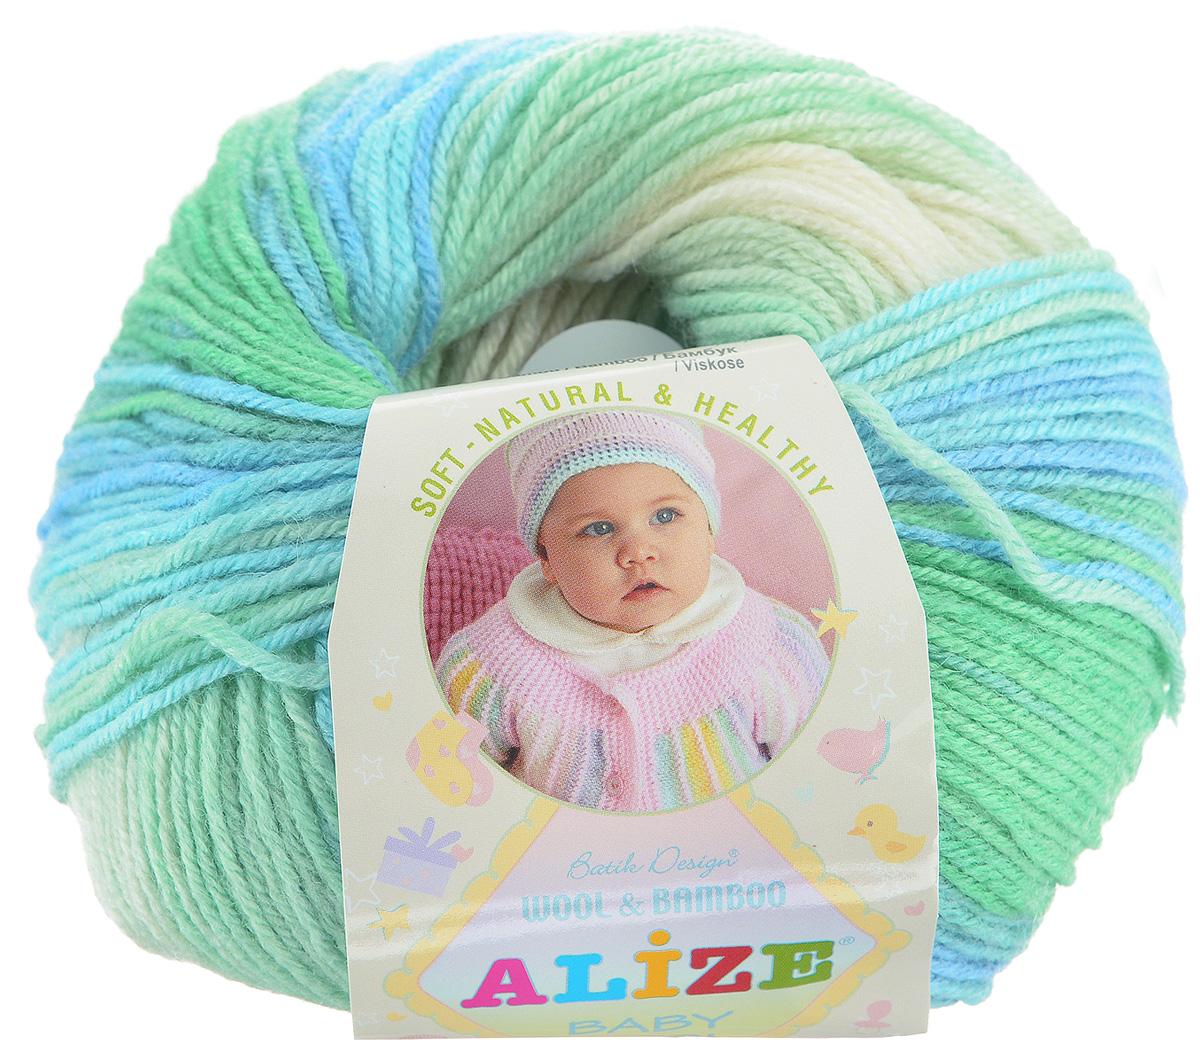 Пряжа для вязания Alize Baby Wool Batik Design, цвет: белый, зеленый, голубой (4389), 175 м, 50 г, 10 шт372104_4389Пряжа Alize Baby Wool Batik Design - это пряжа для ручного вязания детям, состоящая из 40% шерсти, 40% акрила и 20% бамбука. Классическая пряжа, мягкая и шелковистая на ощупь, секционного крашения с длинными переходами цветов. Рекомендуемый размер спиц: №2,5-4. Рекомендуемый размер крючка: №1-3. Состав: 40% шерсть, 40% акрил, 20% бамбук.